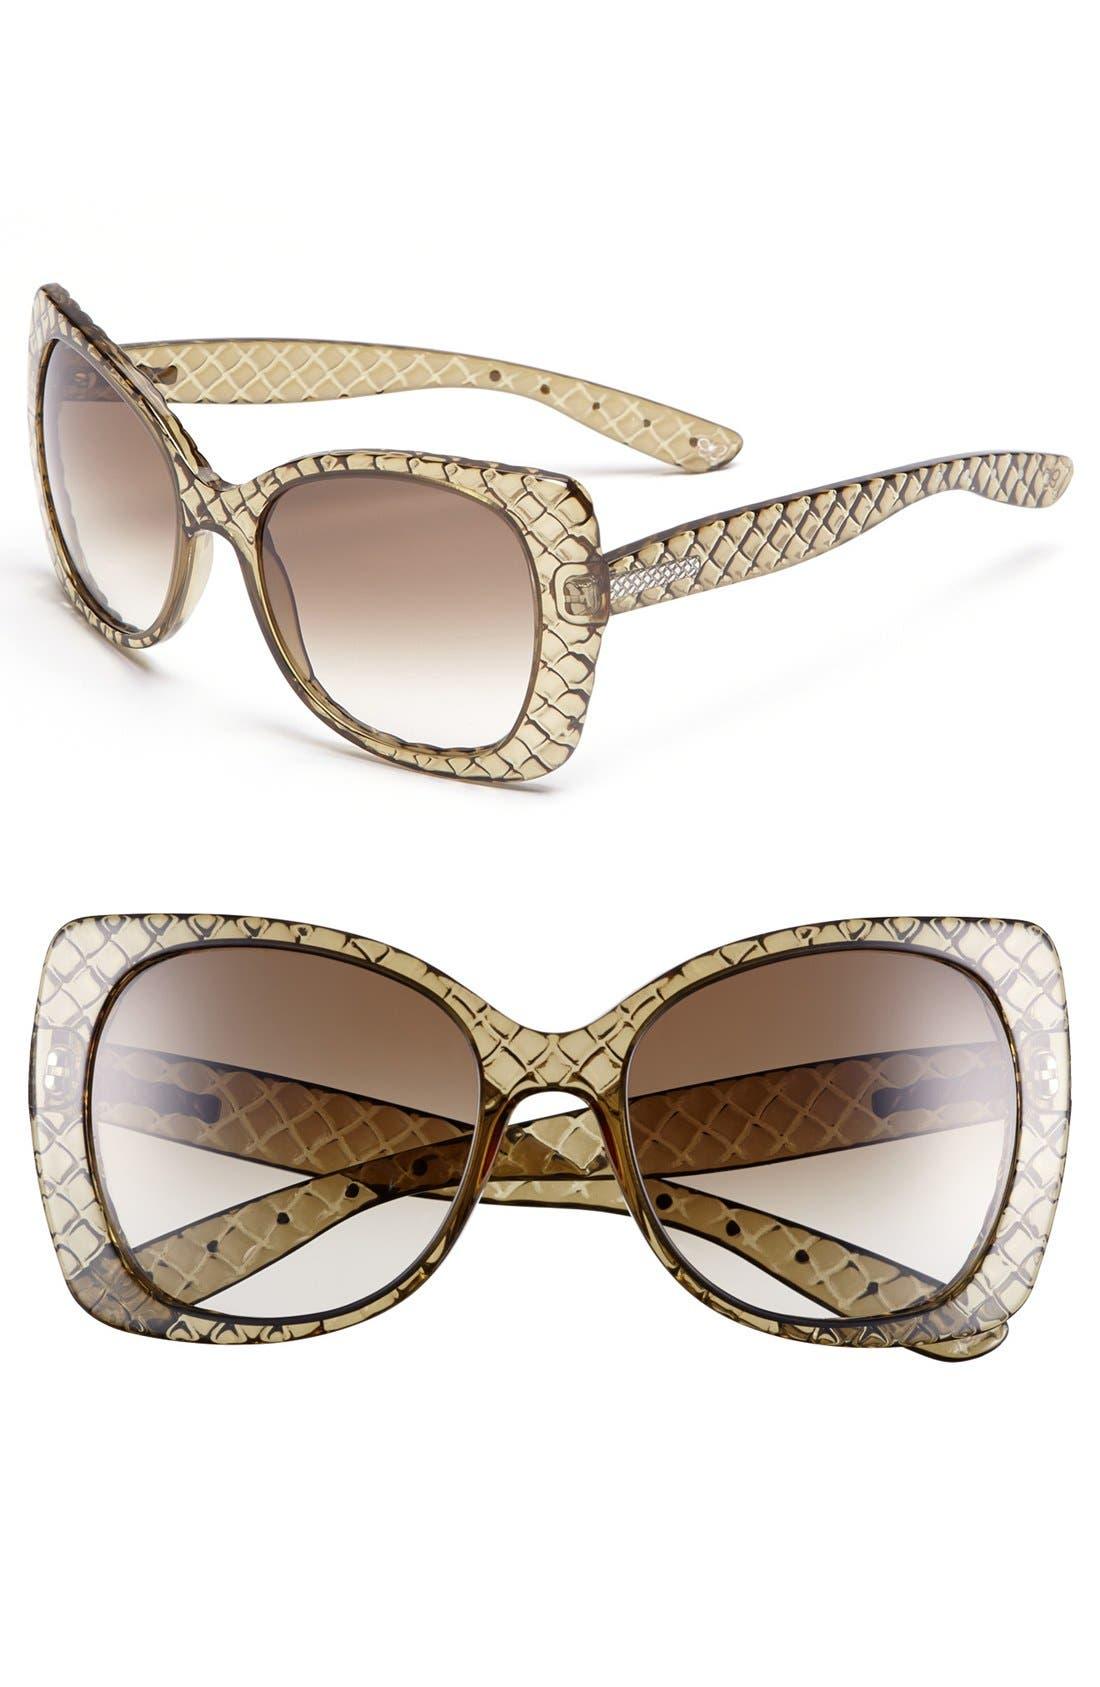 Alternate Image 1 Selected - Bottega Veneta 55mm Oversized Sunglasses